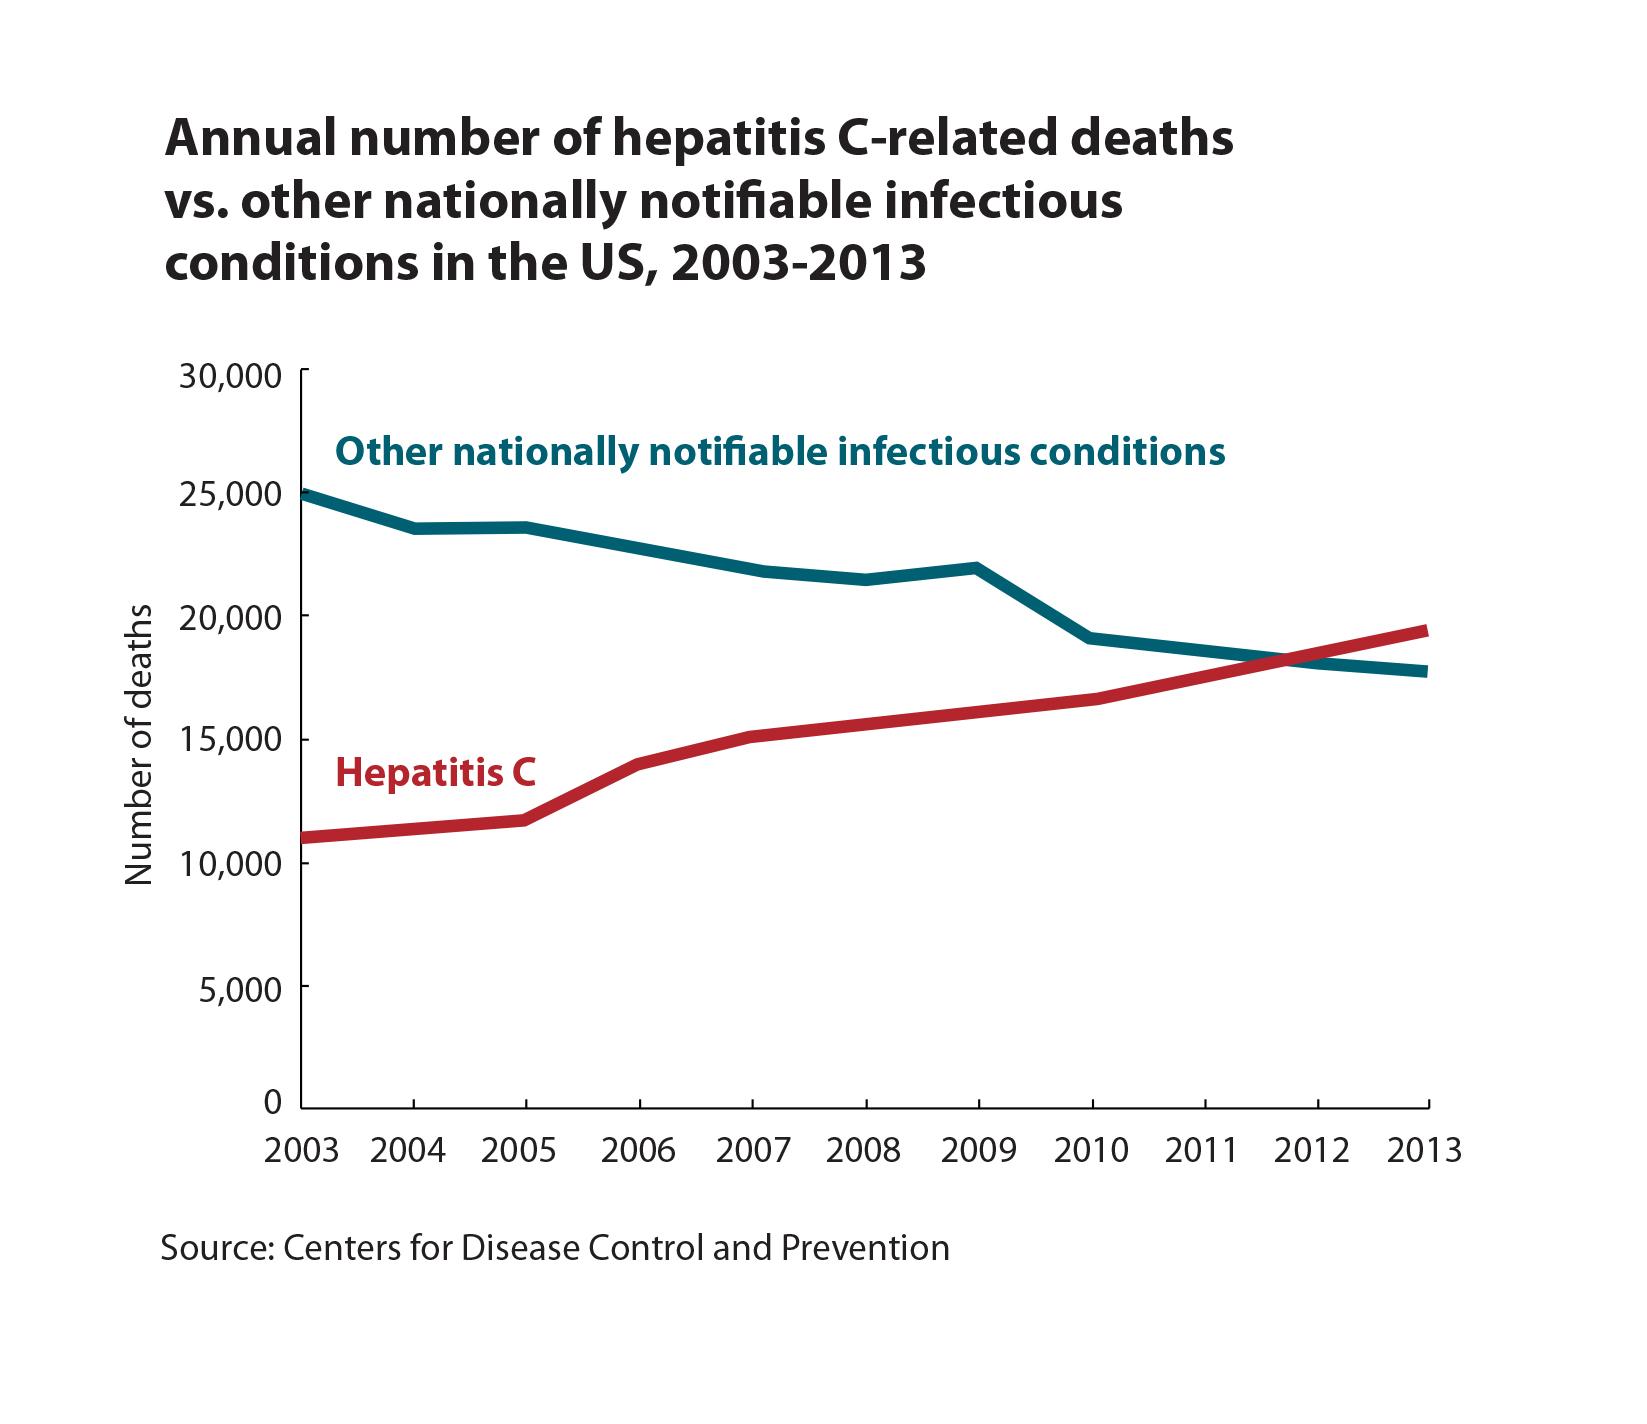 http://www.hepato.com/antigo/images/hcv-mortality.jpg